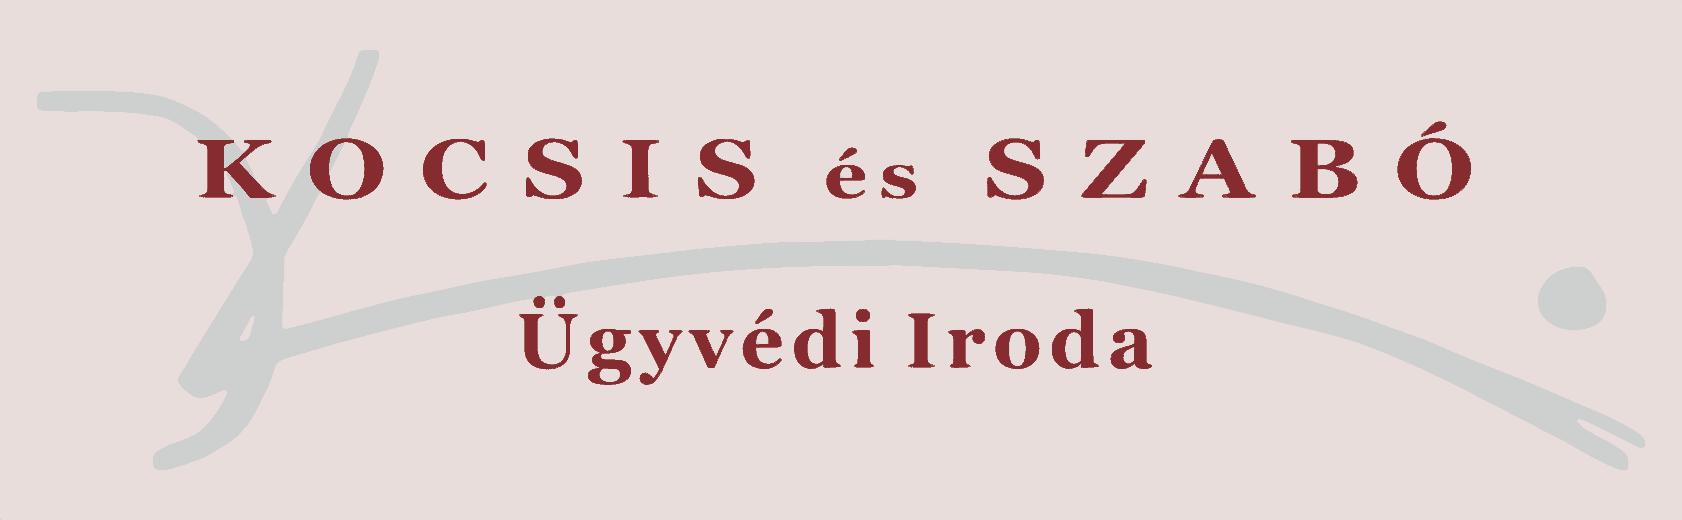 Kocsis és Szabó Ügyvédi Iroda - Megbízható Ügyvédi Iroda